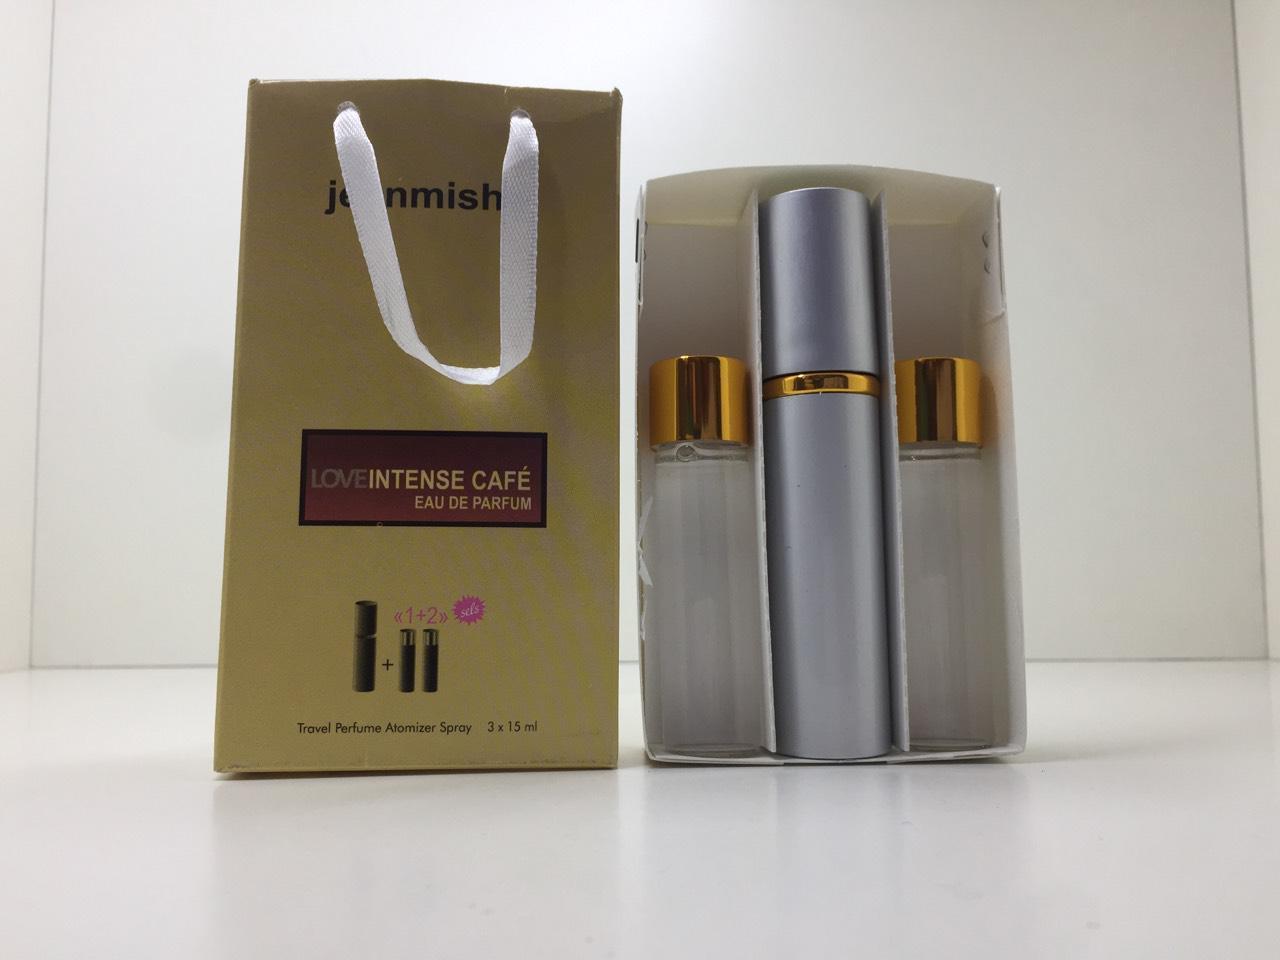 Подарочный набор духов Jeanmishel Intense Cafe (Жанмишель Интенс Кафе) 3 по 15 мл